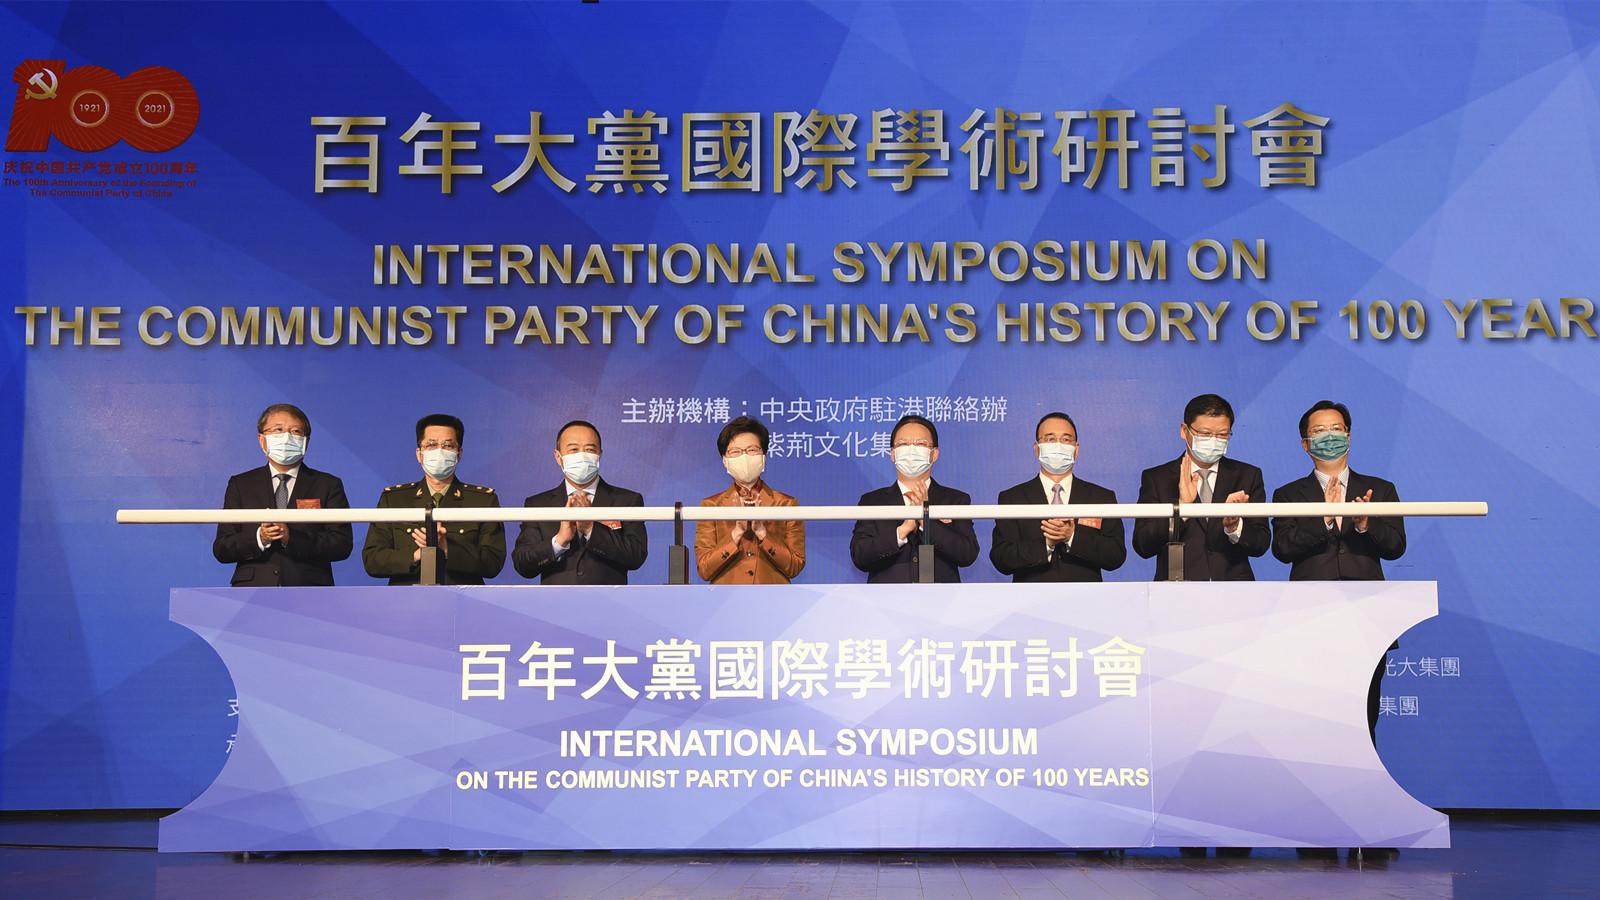 【有片】「百年大黨國際學術研討會」舉行 專家學者縱論中共發展